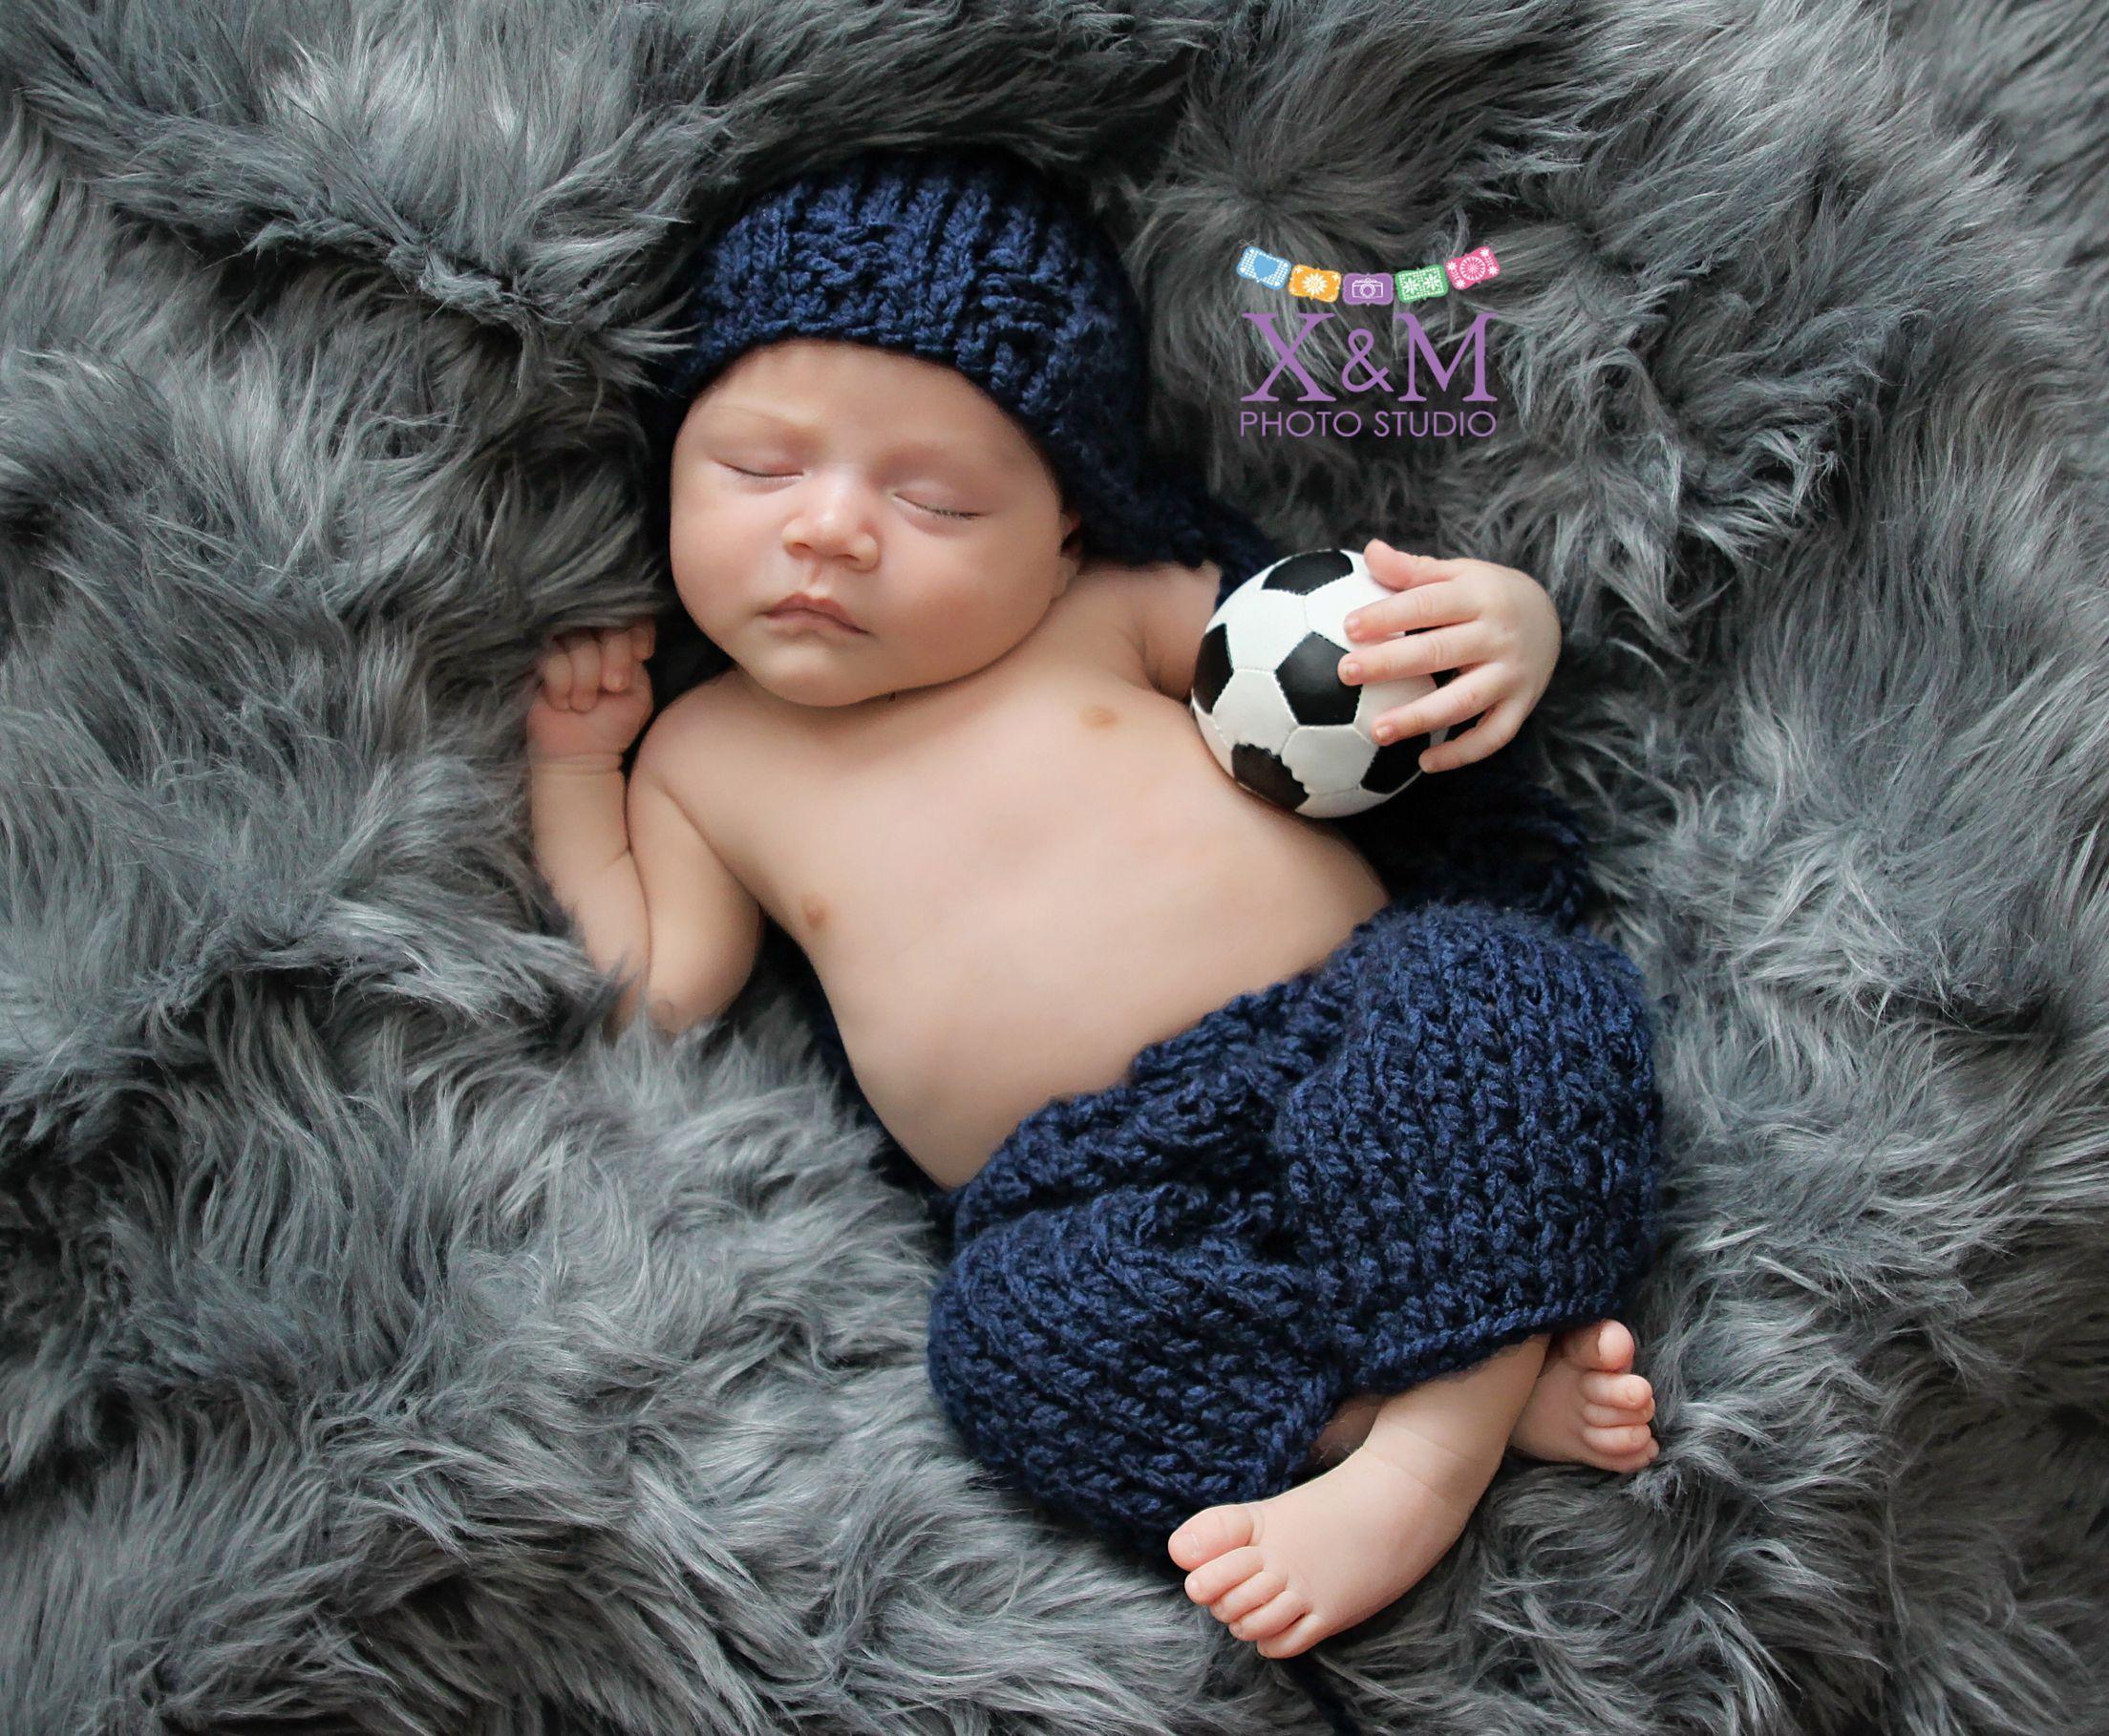 Newborn Photography Newborn Boy Soccer Boy Newborn Photography Soccer Boy Newborn Photography So In 2020 Baby Boy Newborn Pictures Soccer Baby Newborn Boy